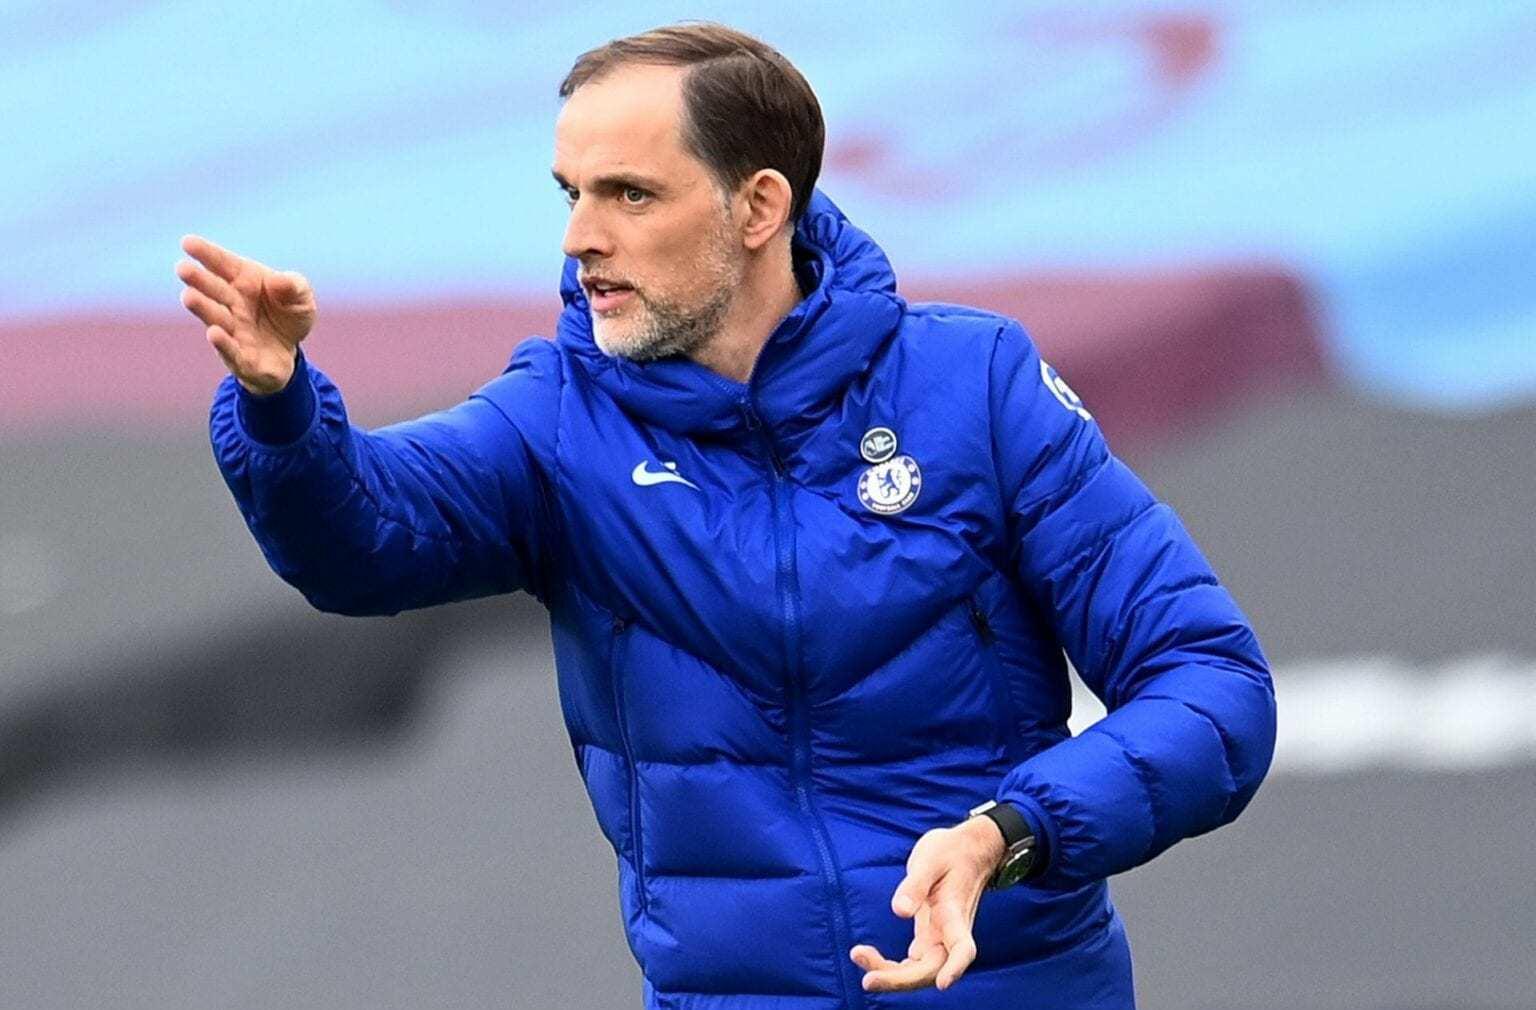 Tuchel muốn Chelsea chơi 'thứ bóng đá dữ dội' trước Real Madrid